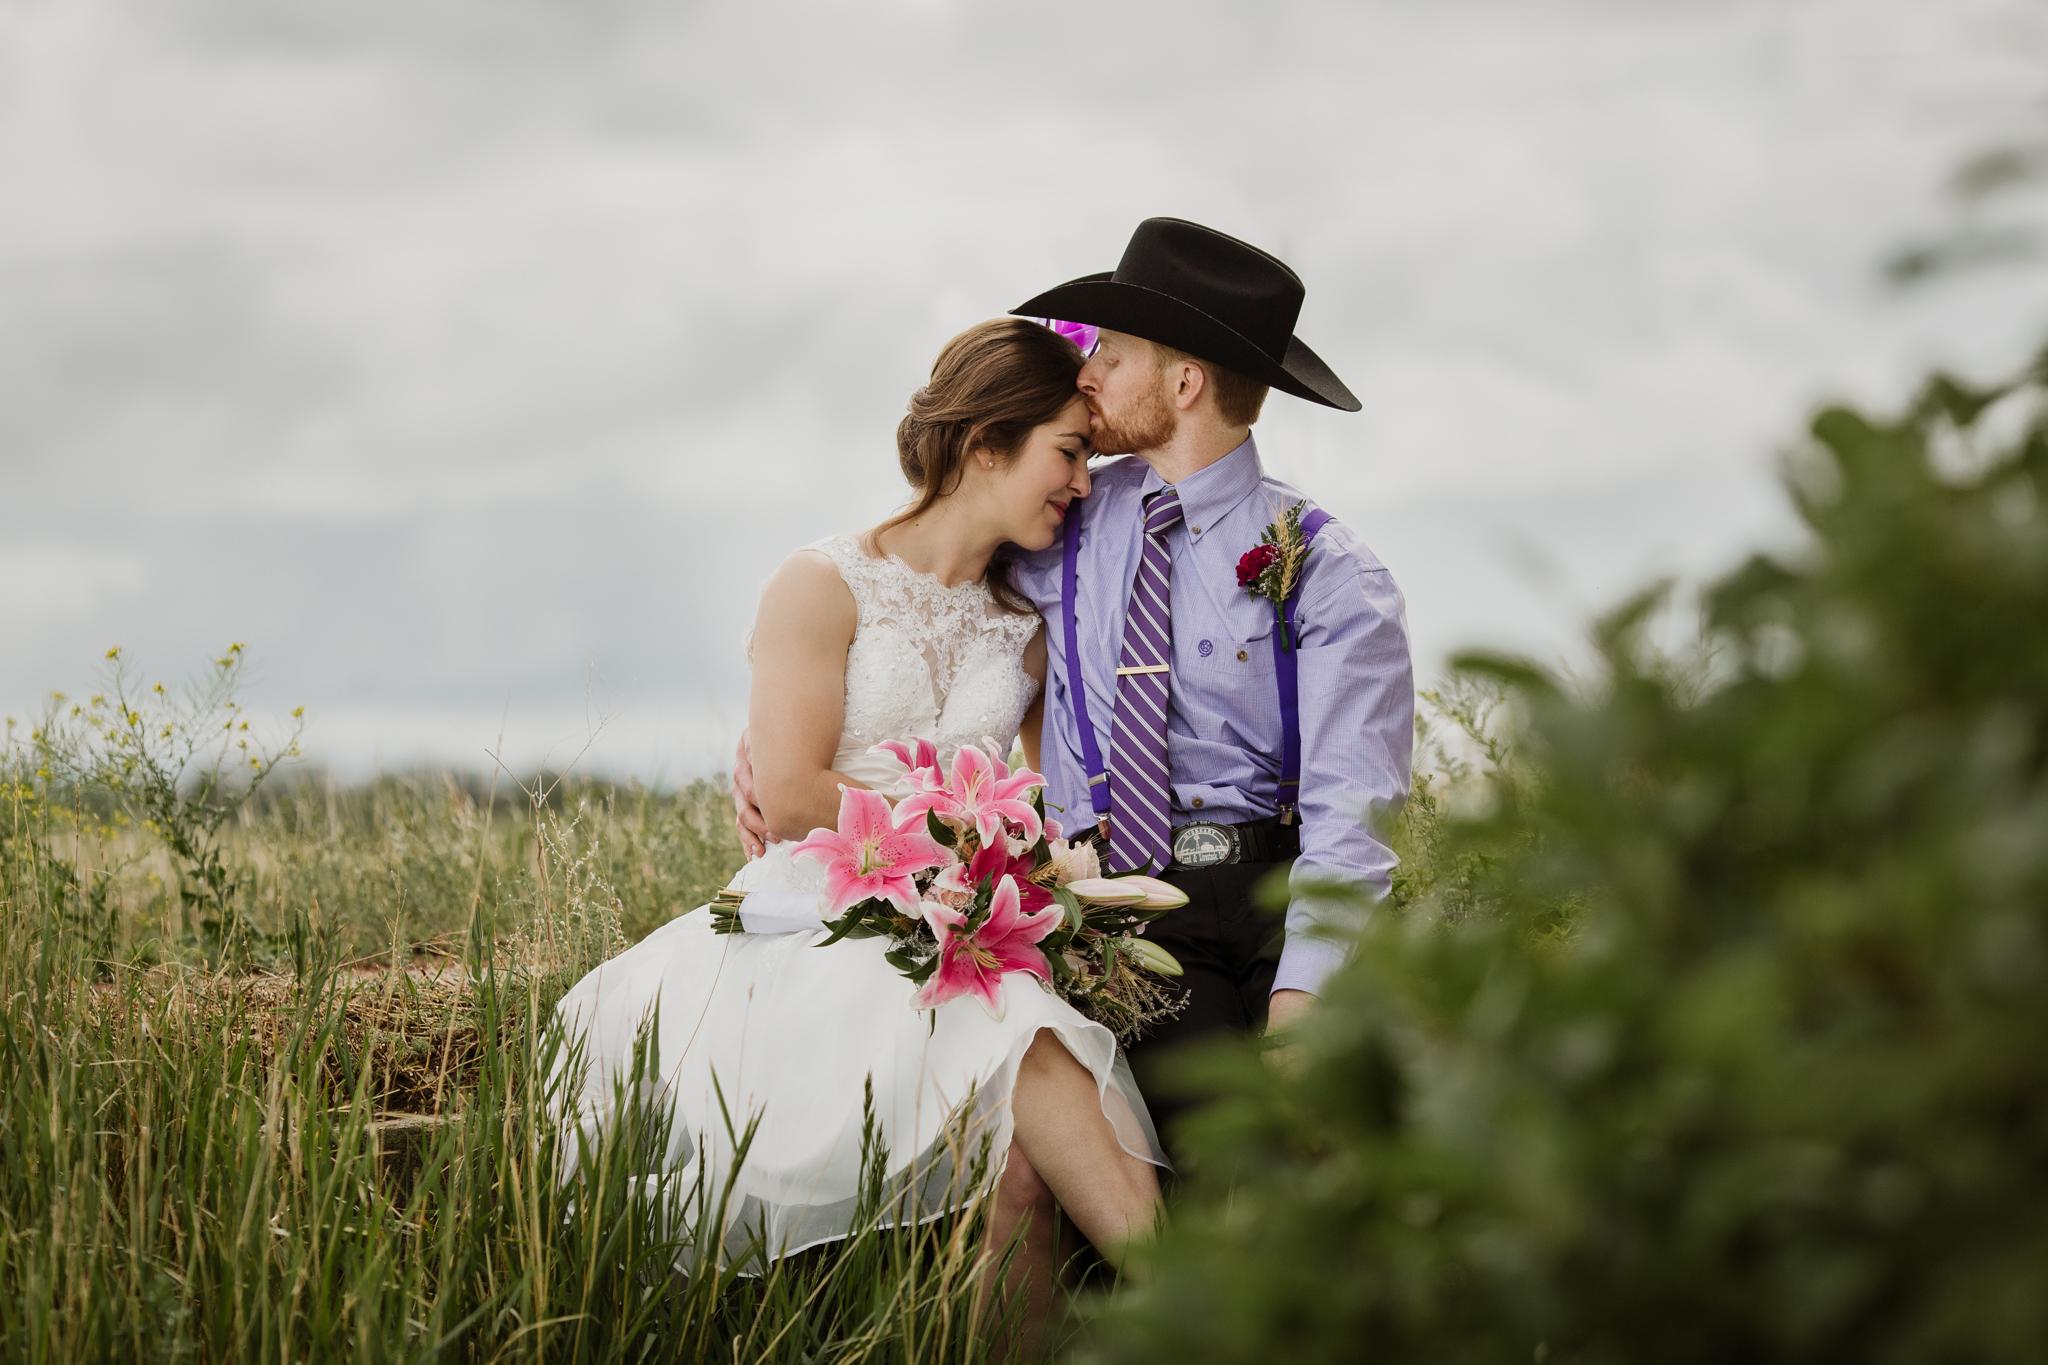 farm wedding in saskatchewan